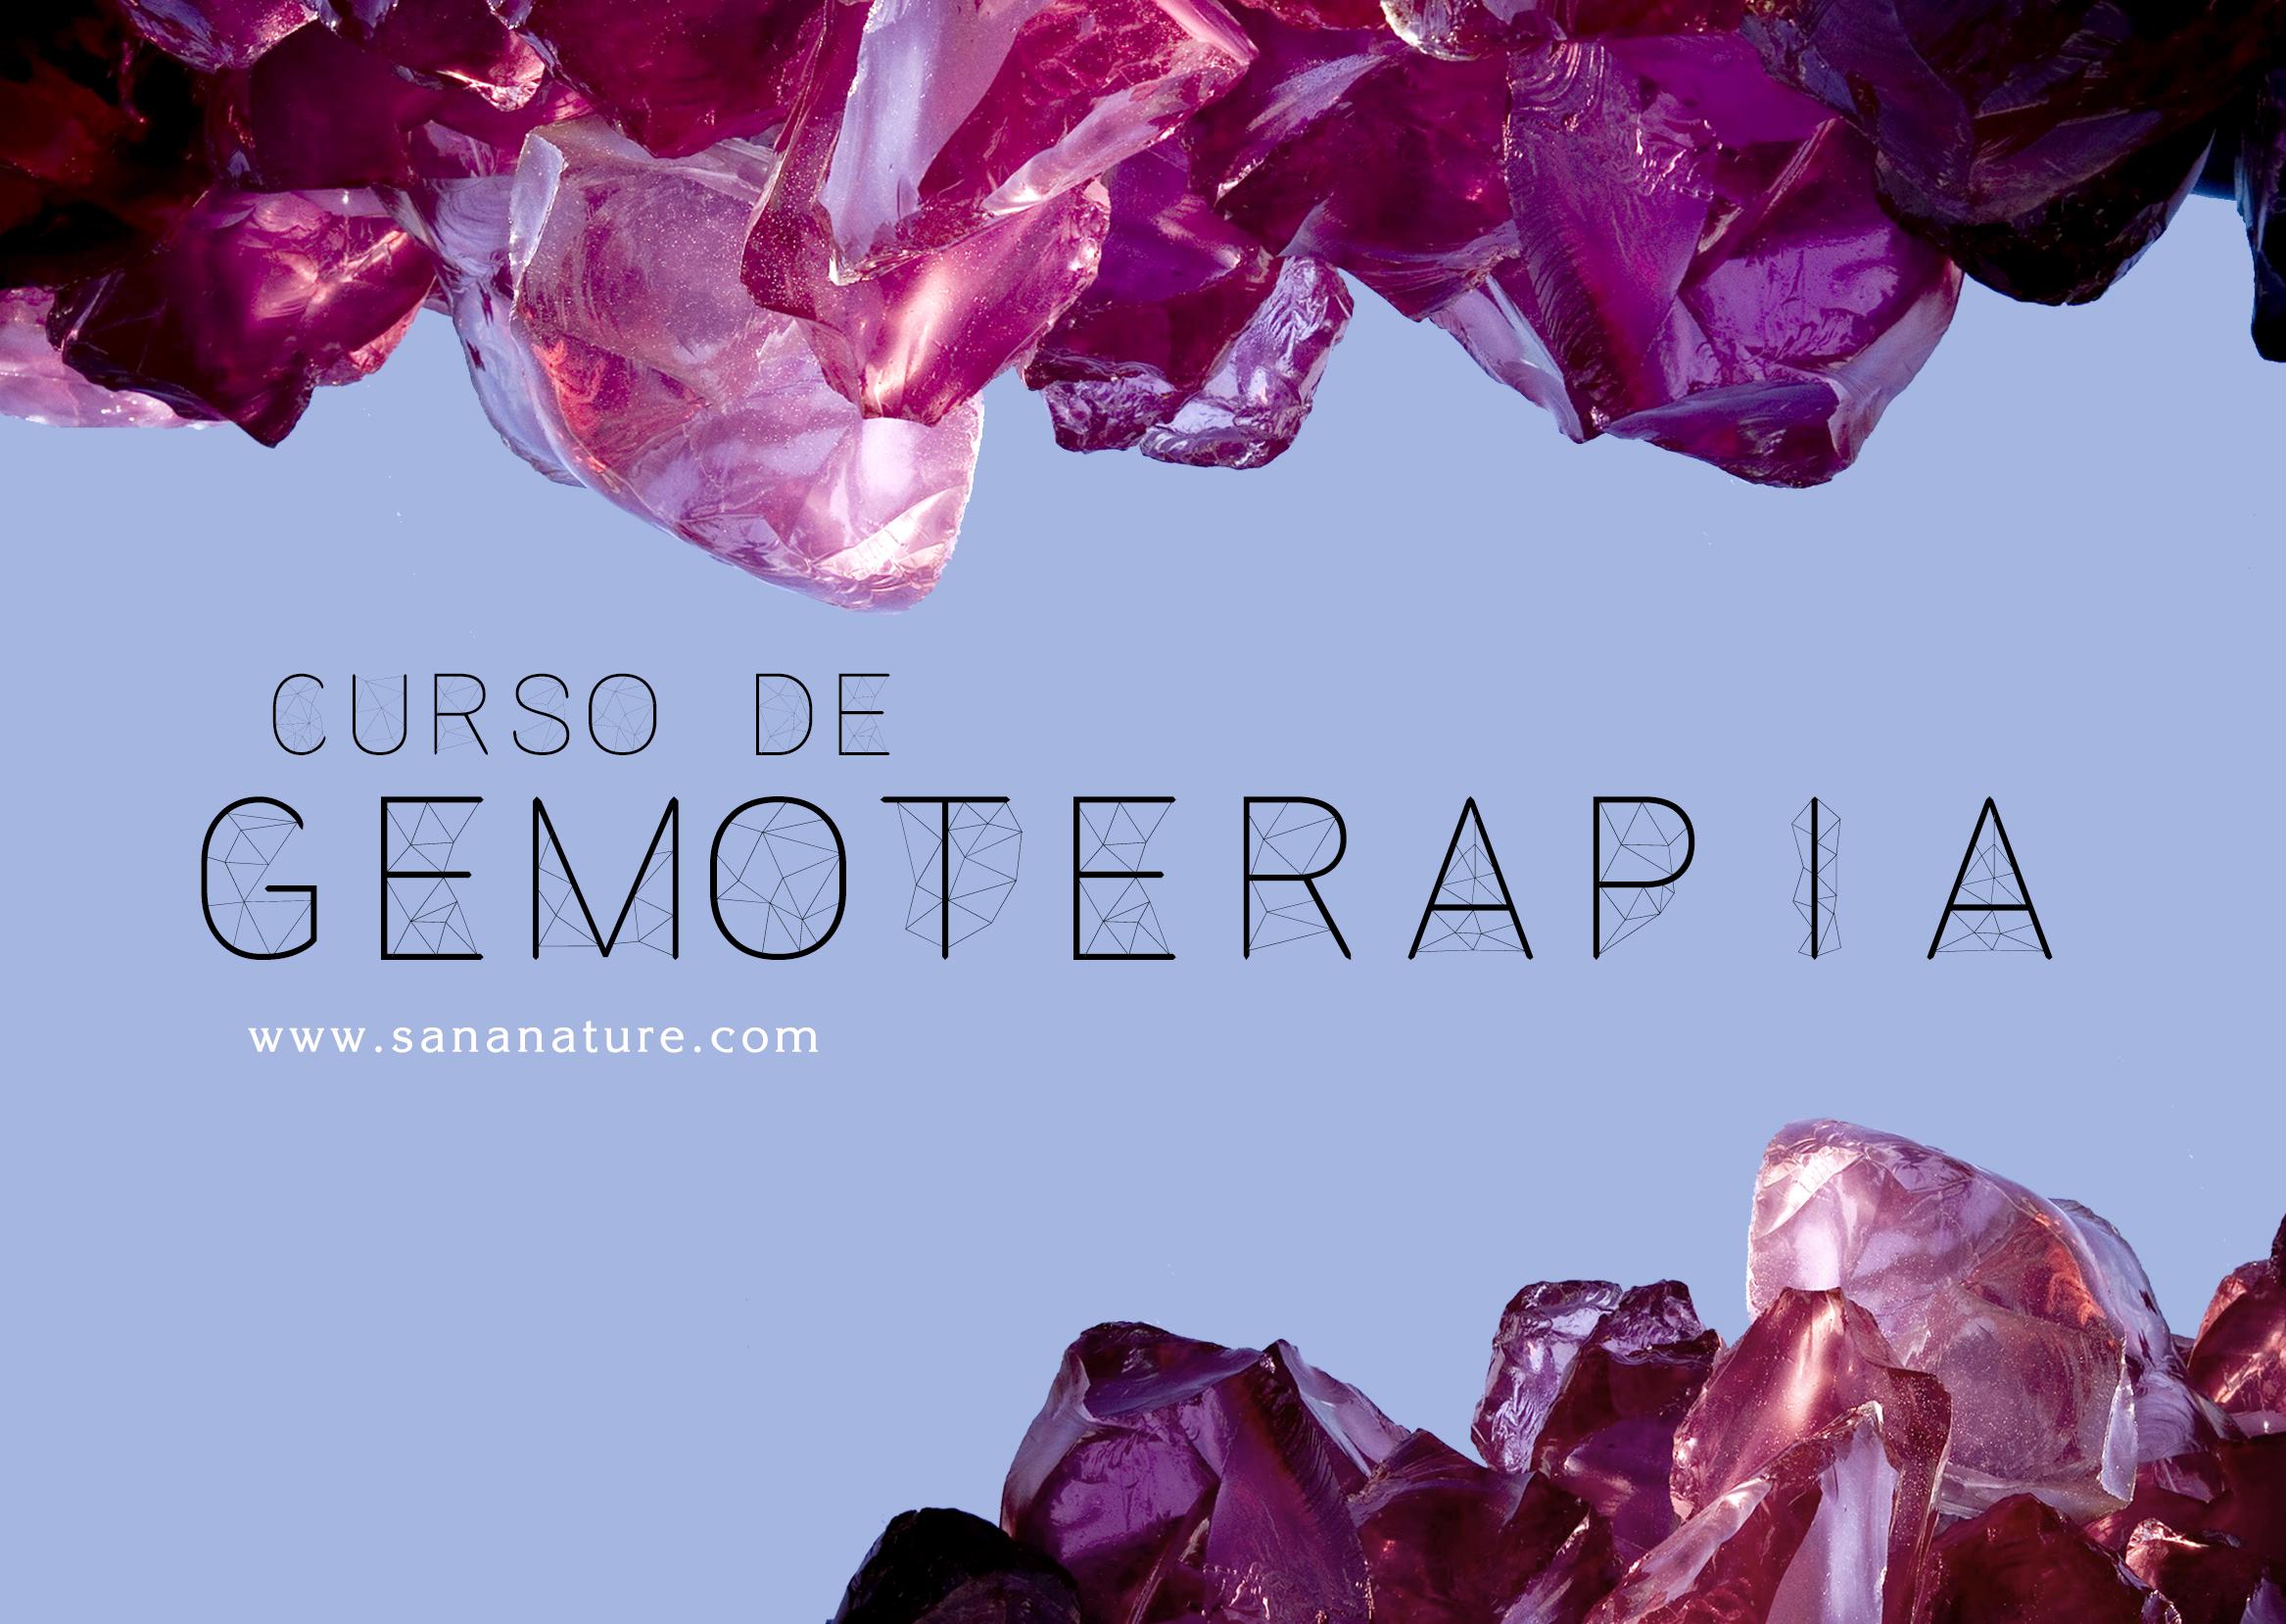 Cursos de gemoterapia en madrid en la naturaleza for Cursos de interiorismo madrid